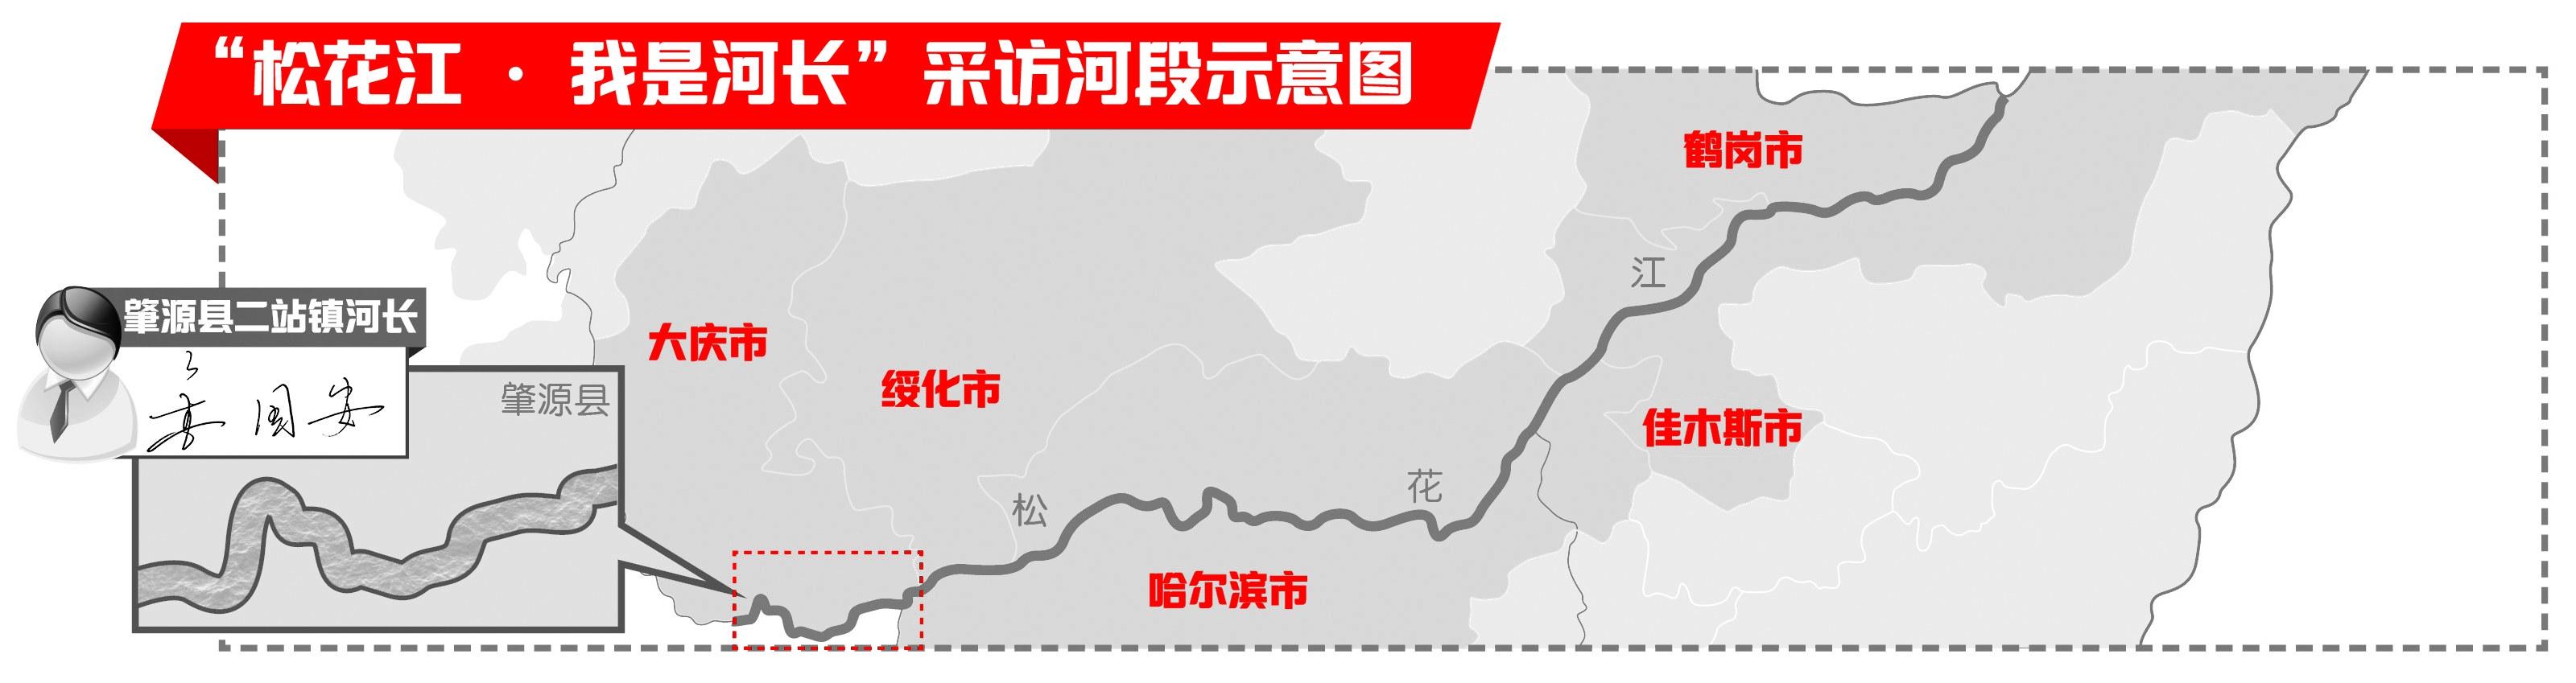 广种沙棘果沿江保生态--访松花江肇源县二站镇段河长